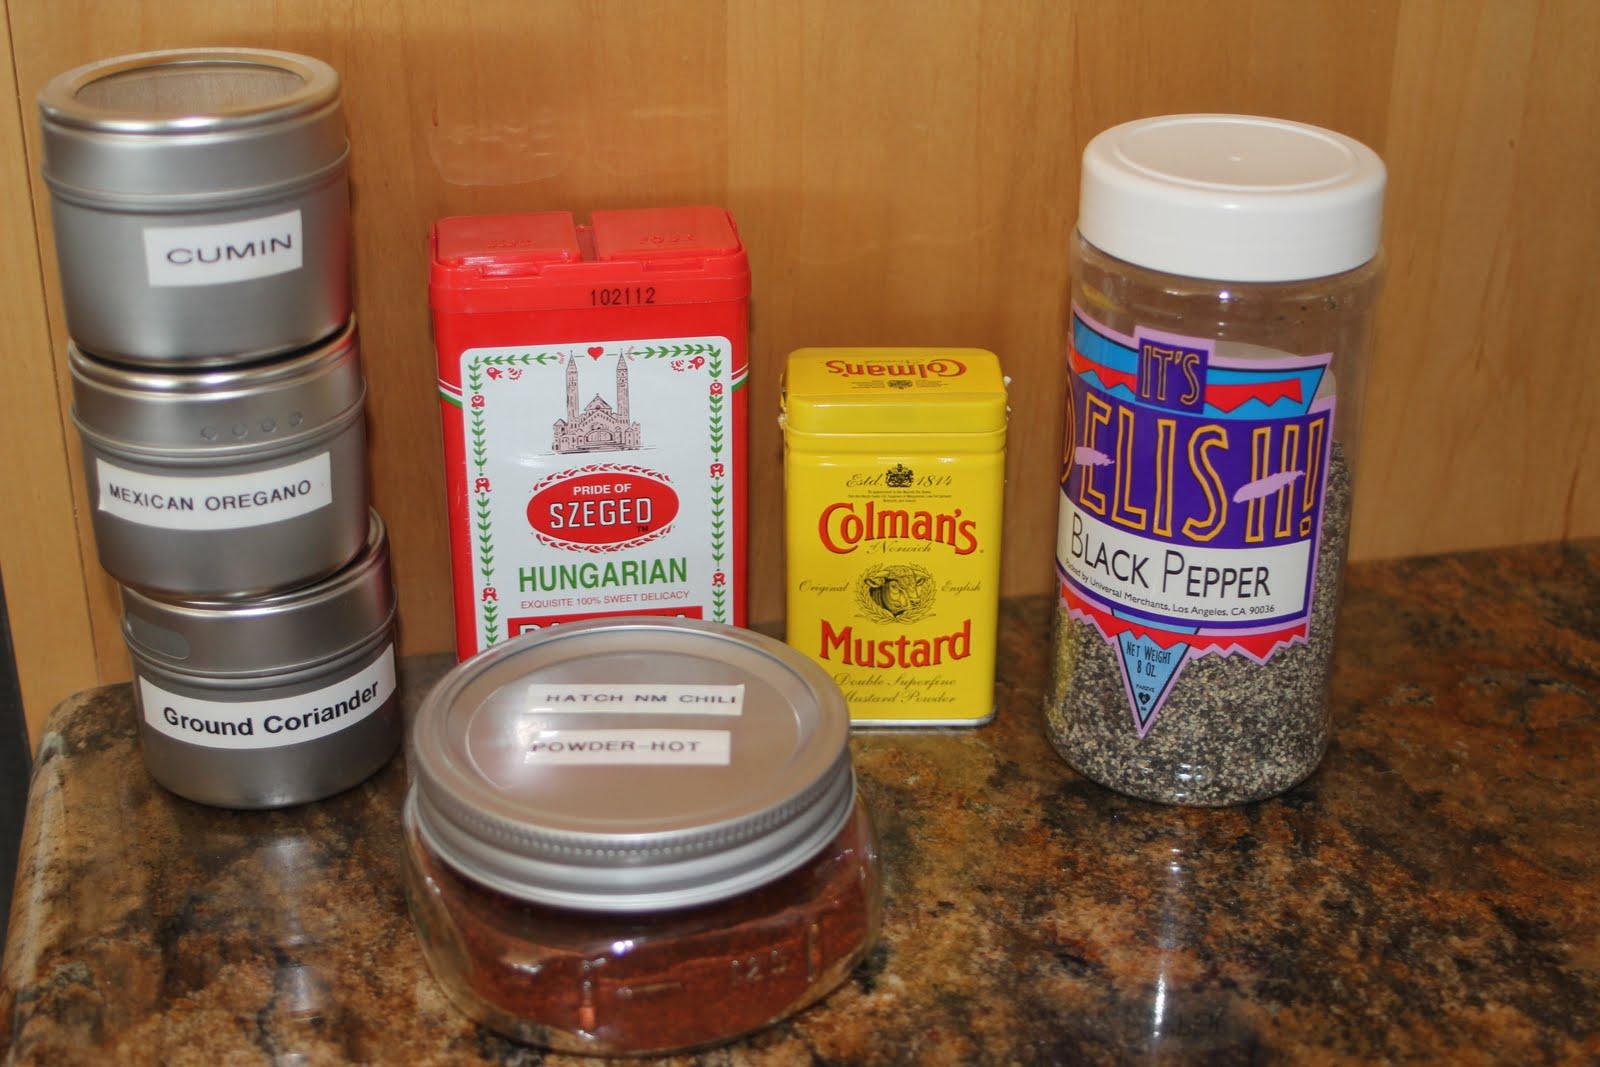 ... vinegar and spice oven ribs recipes dishmaps vinegar and spice oven